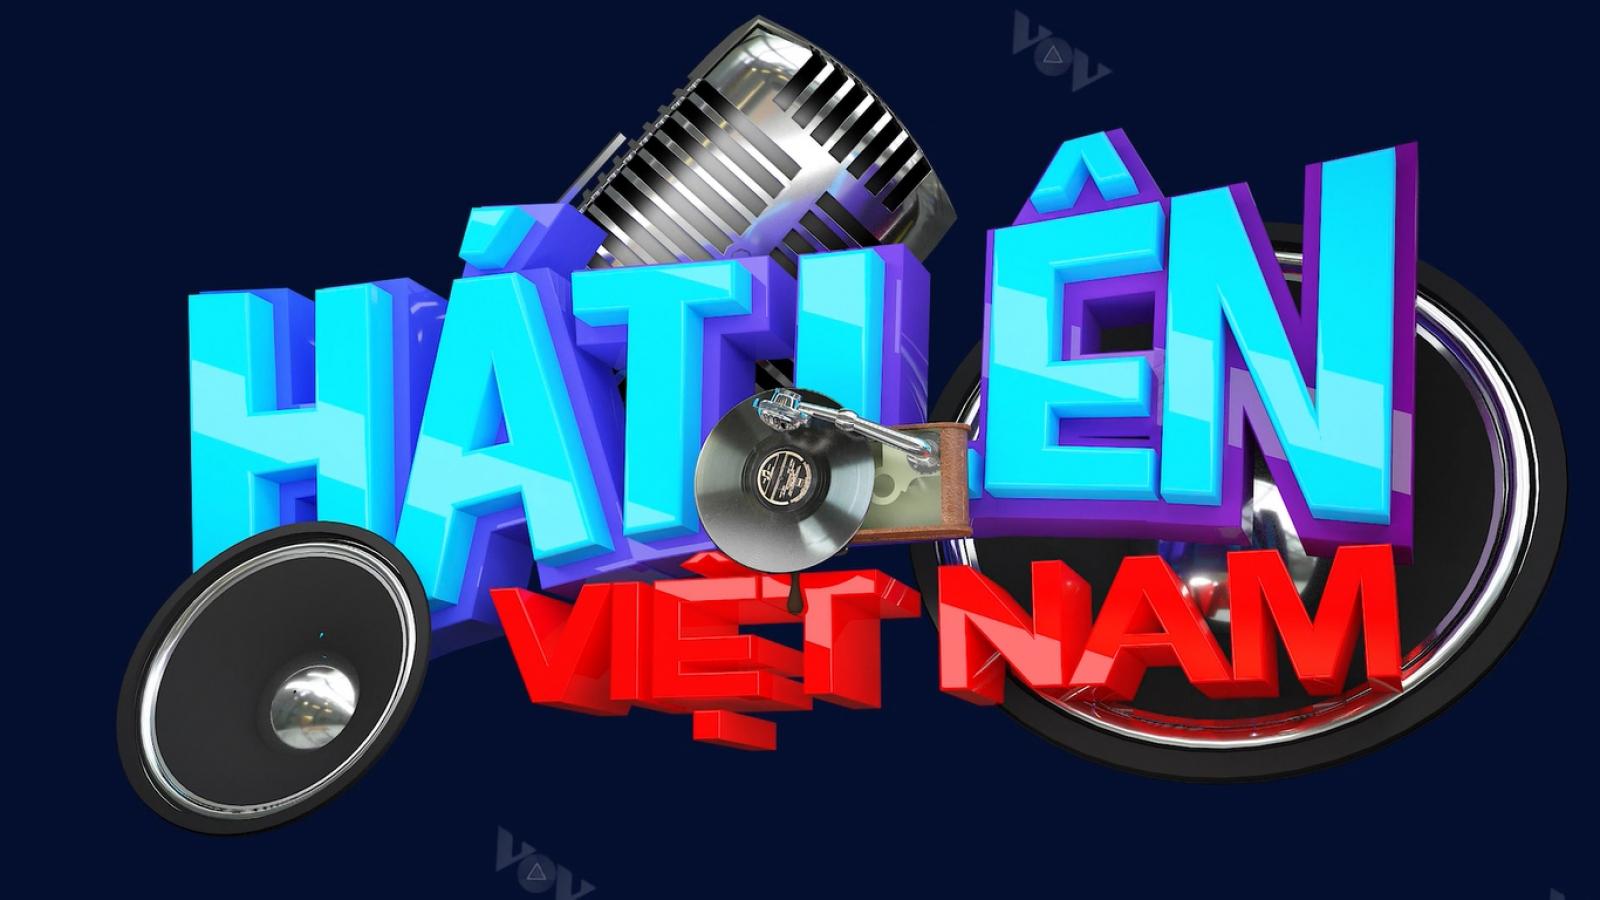 """Thể hiện tình yêu quê hương đất nước qua cuộc thi """"Hát lên Việt Nam - Let's sing Viet Nam"""""""